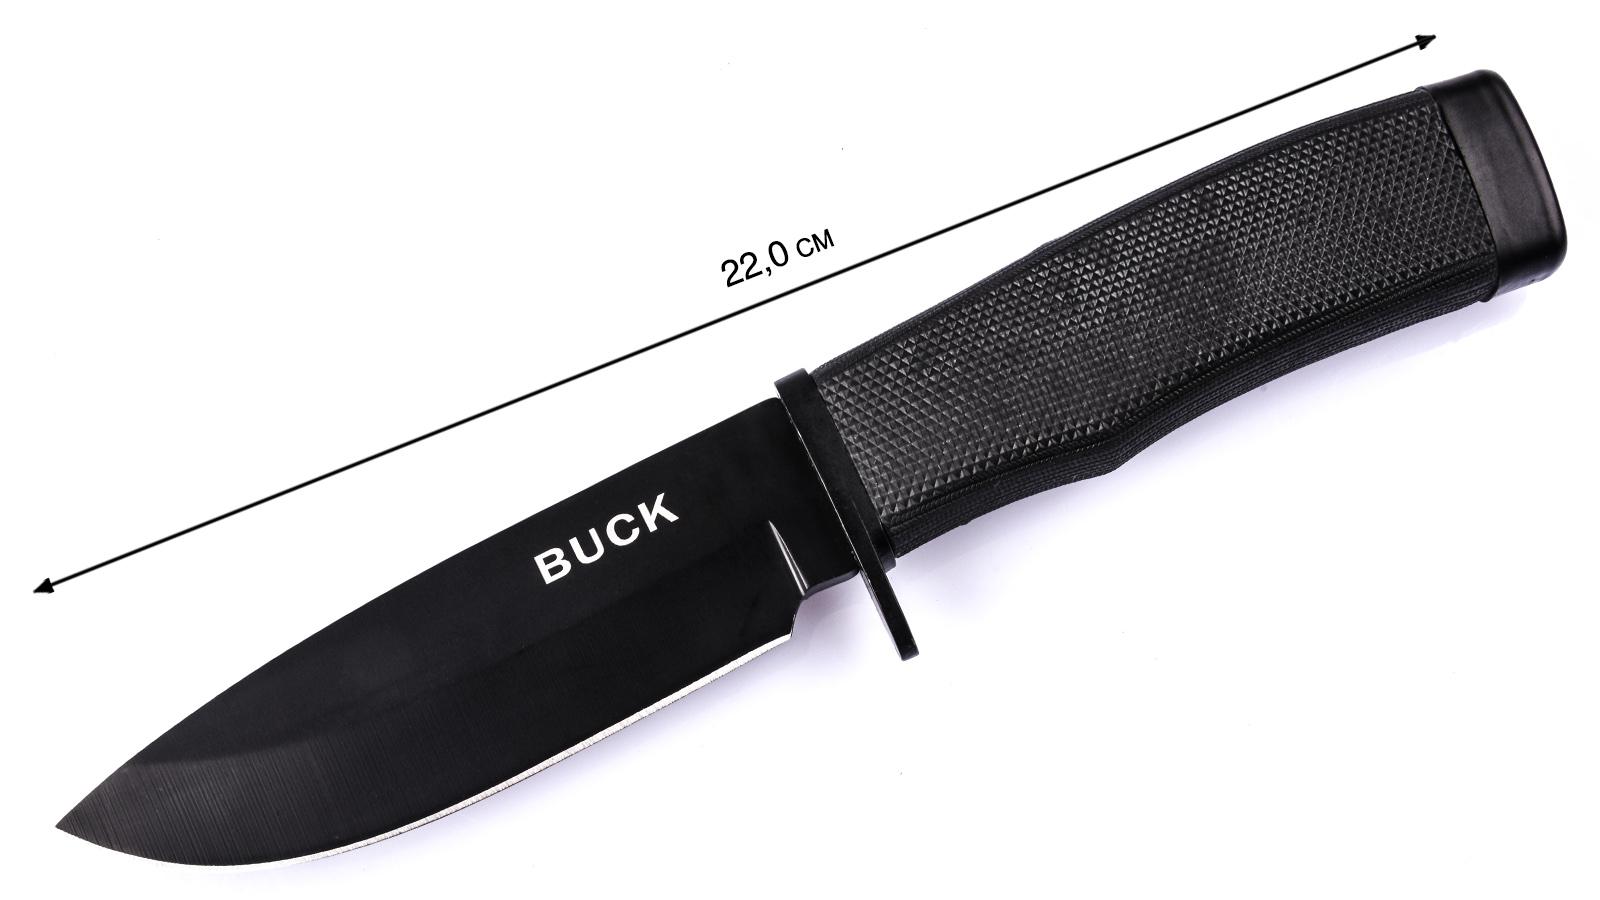 Заказать нож buck швейцарские ножи victorinox киев